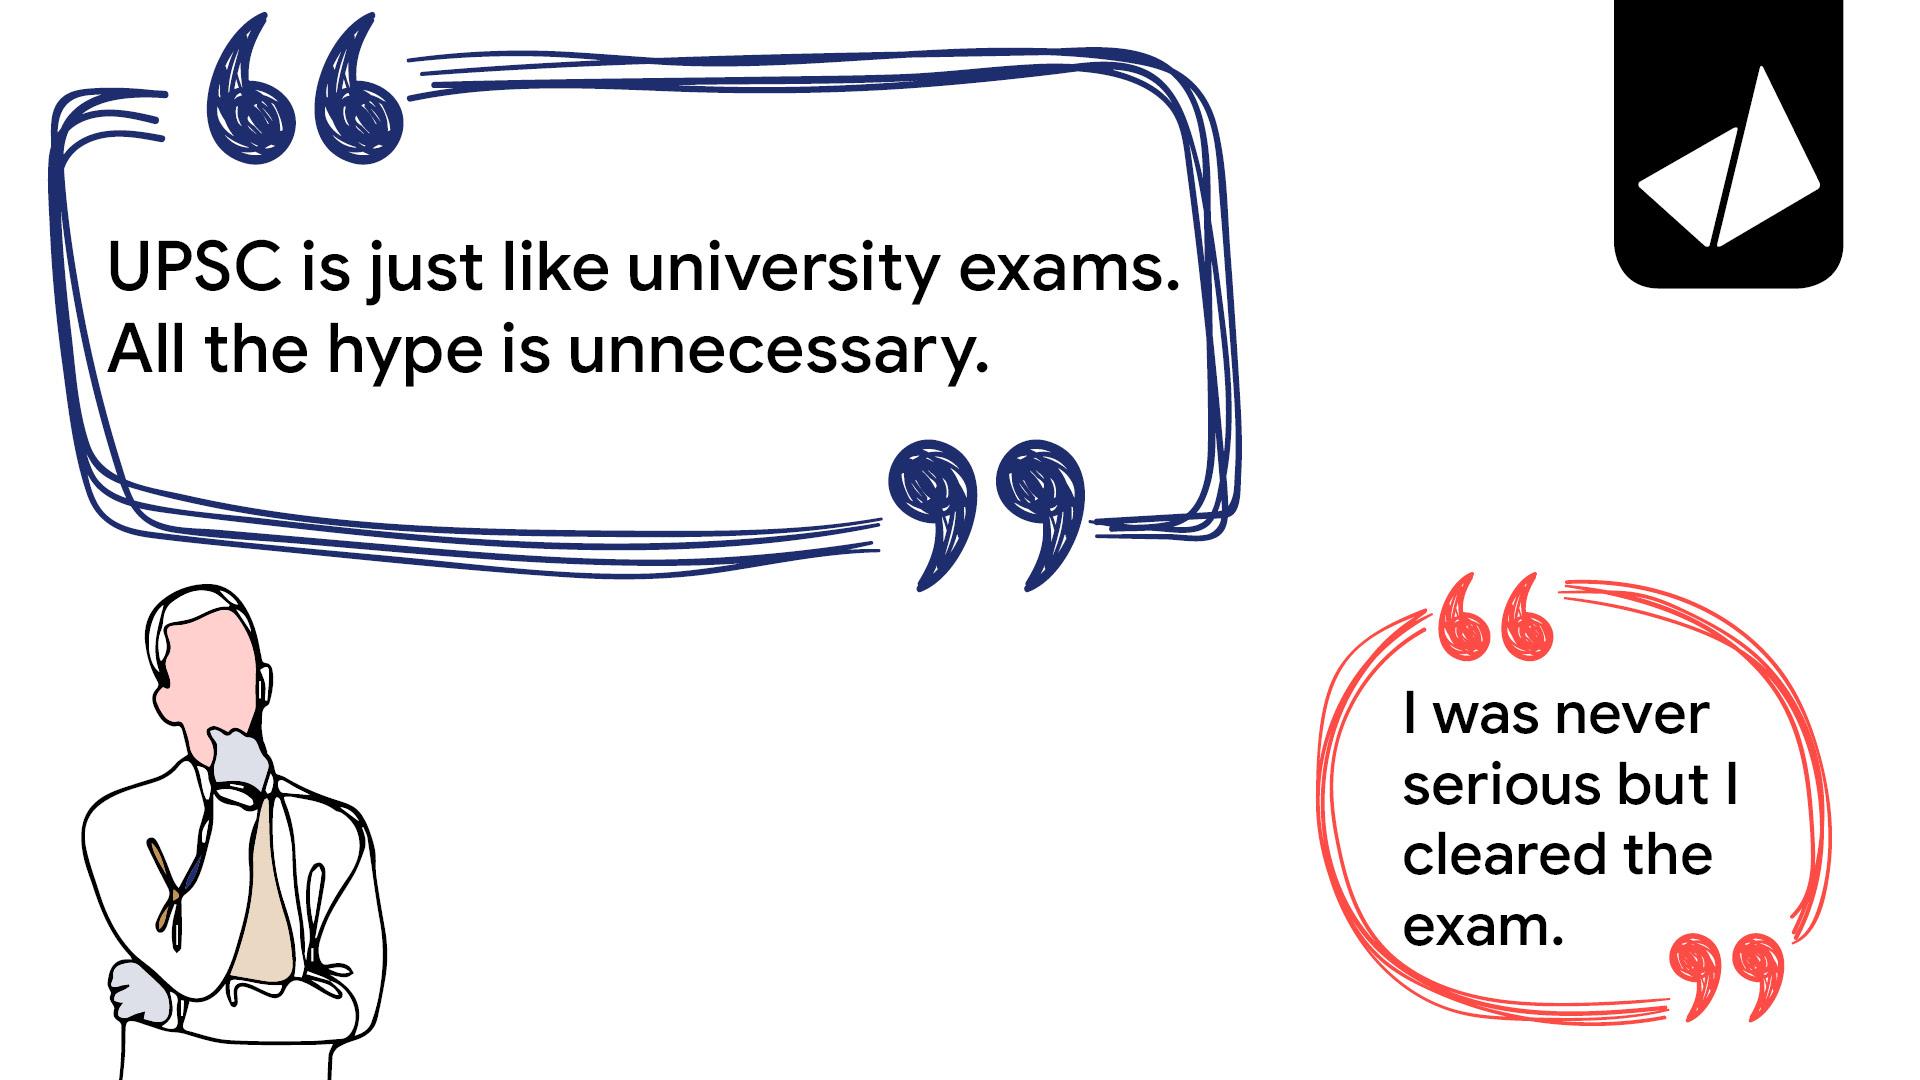 How to prepare for UPSC IAS exam 2020